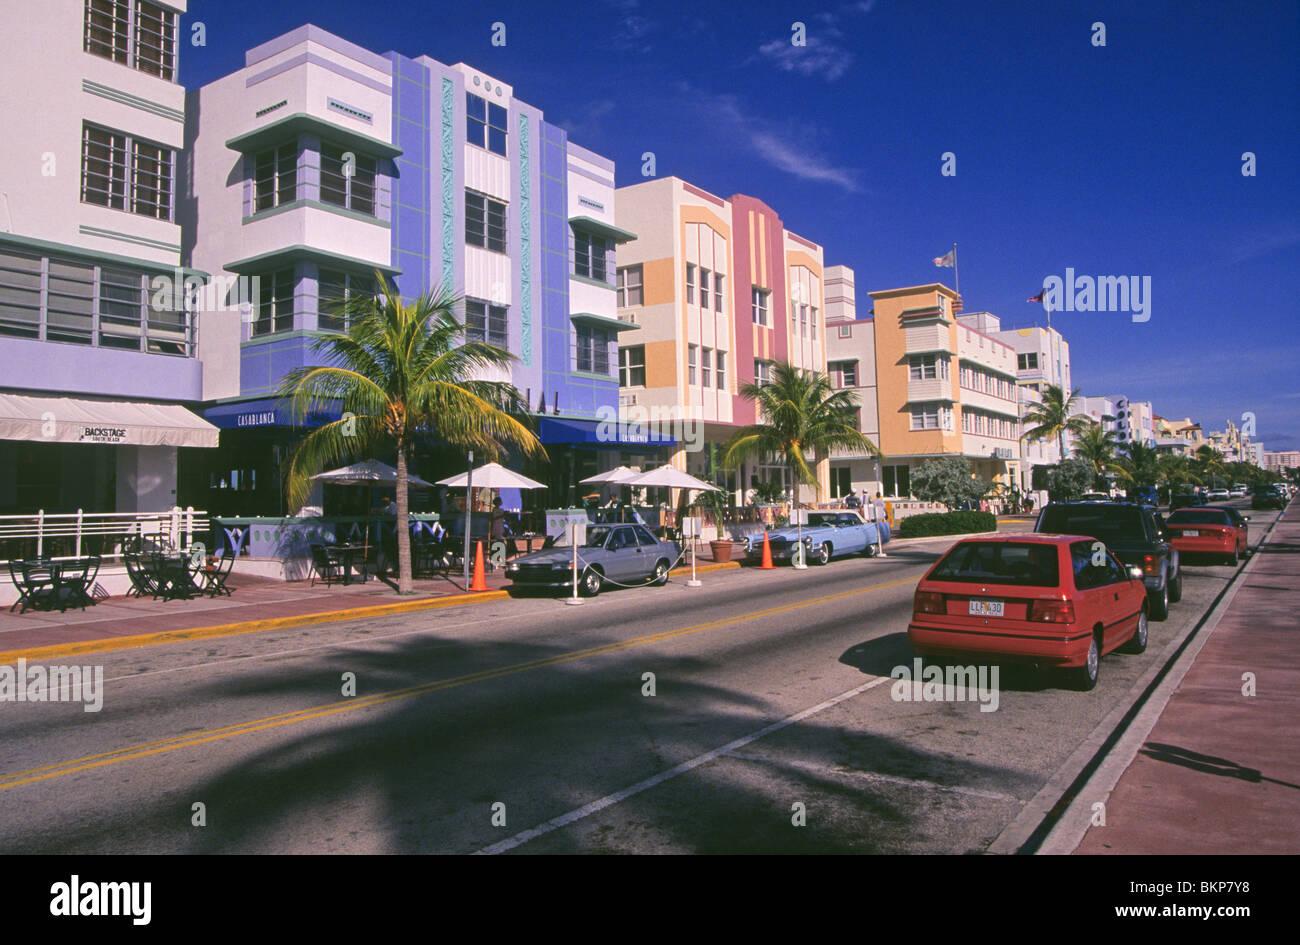 art deco buildings along ocean avenue in south beach miami beach